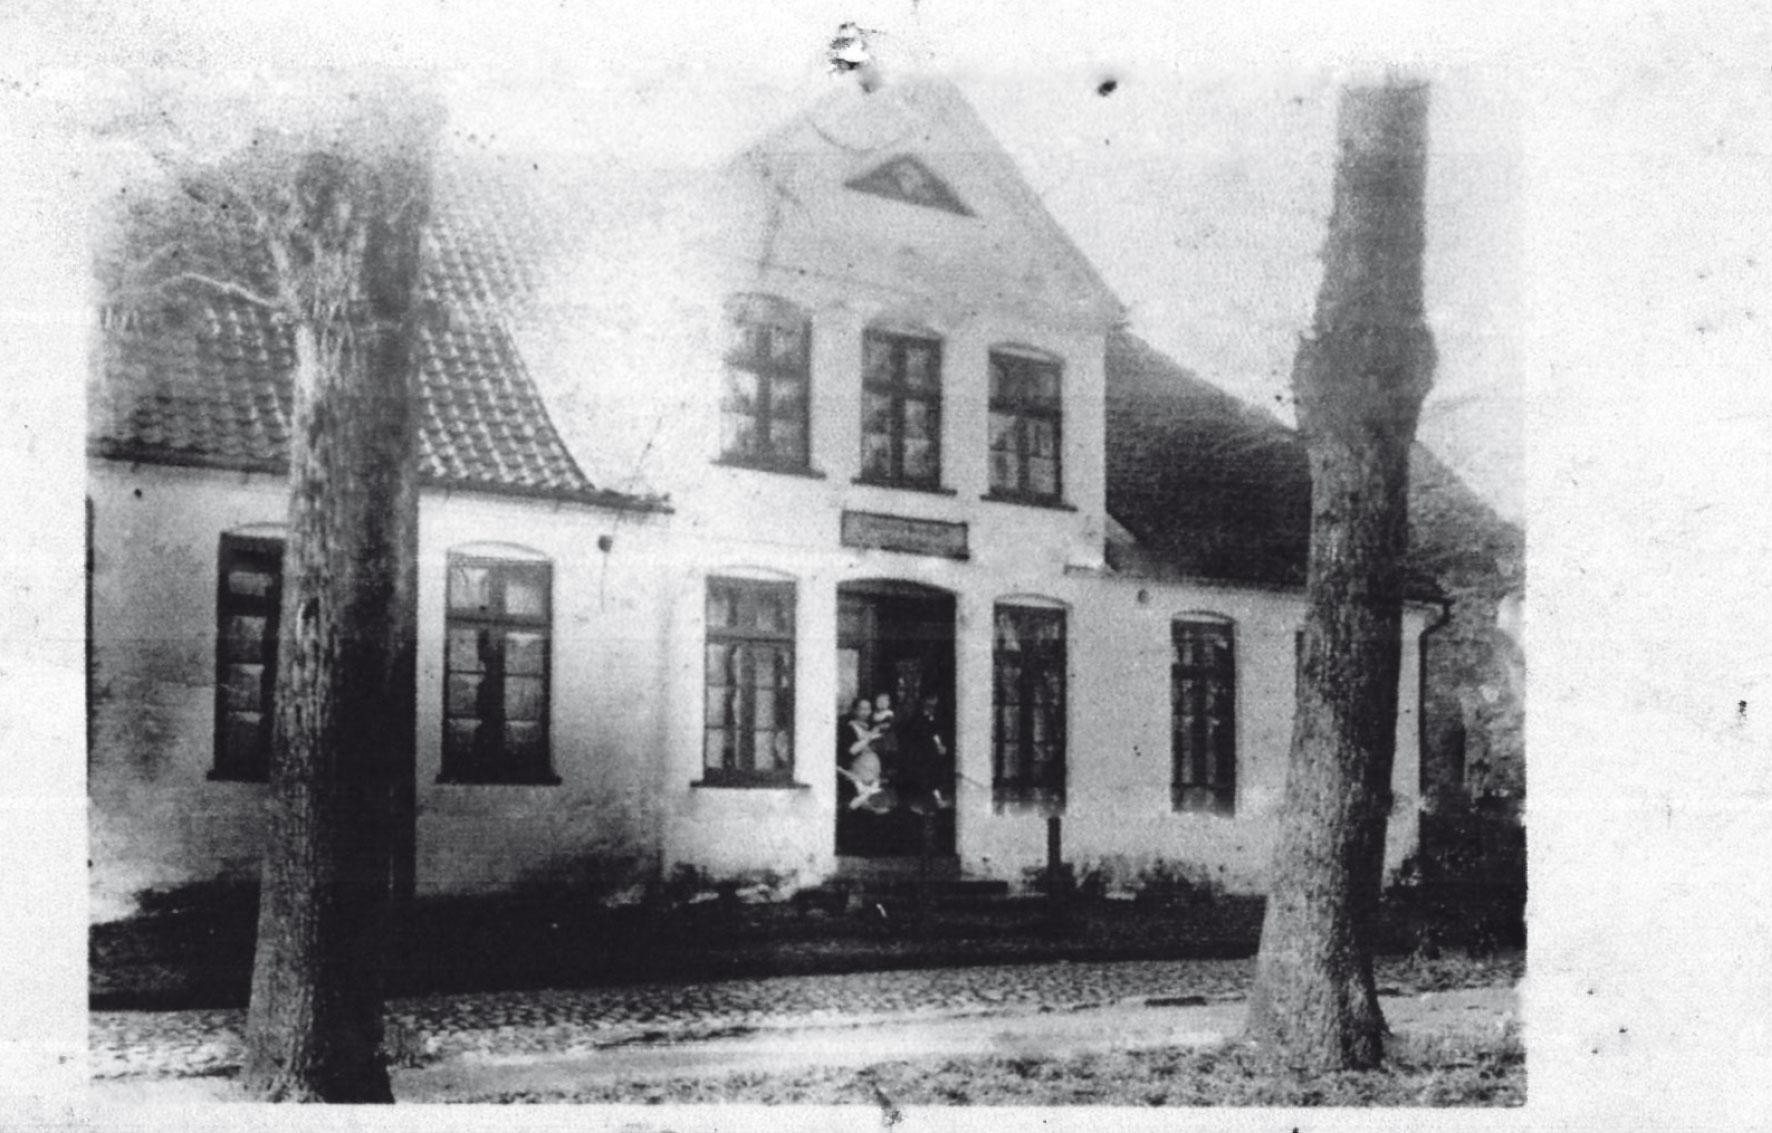 dorf_bilder/Chronik-Hennstedt-189-2.jpg